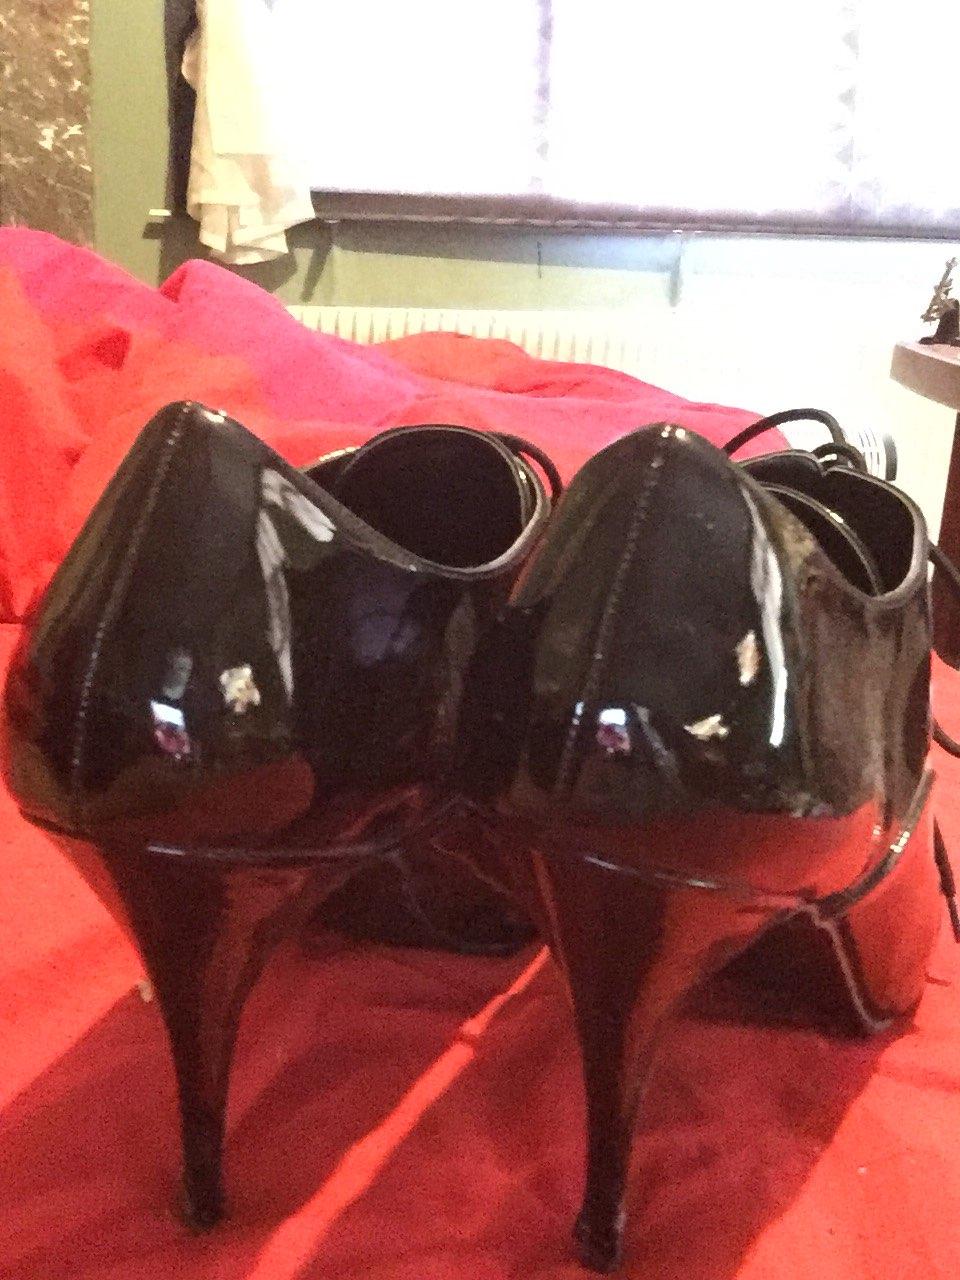 Schwarz Pumpen Kreuz Fsj01 gebunden Heels Sexy Spitz Oxford 2018 Patent 42 Frau Gladitor Leder Up 12 Größe Cm Spitze Fsj High tvAqIxw